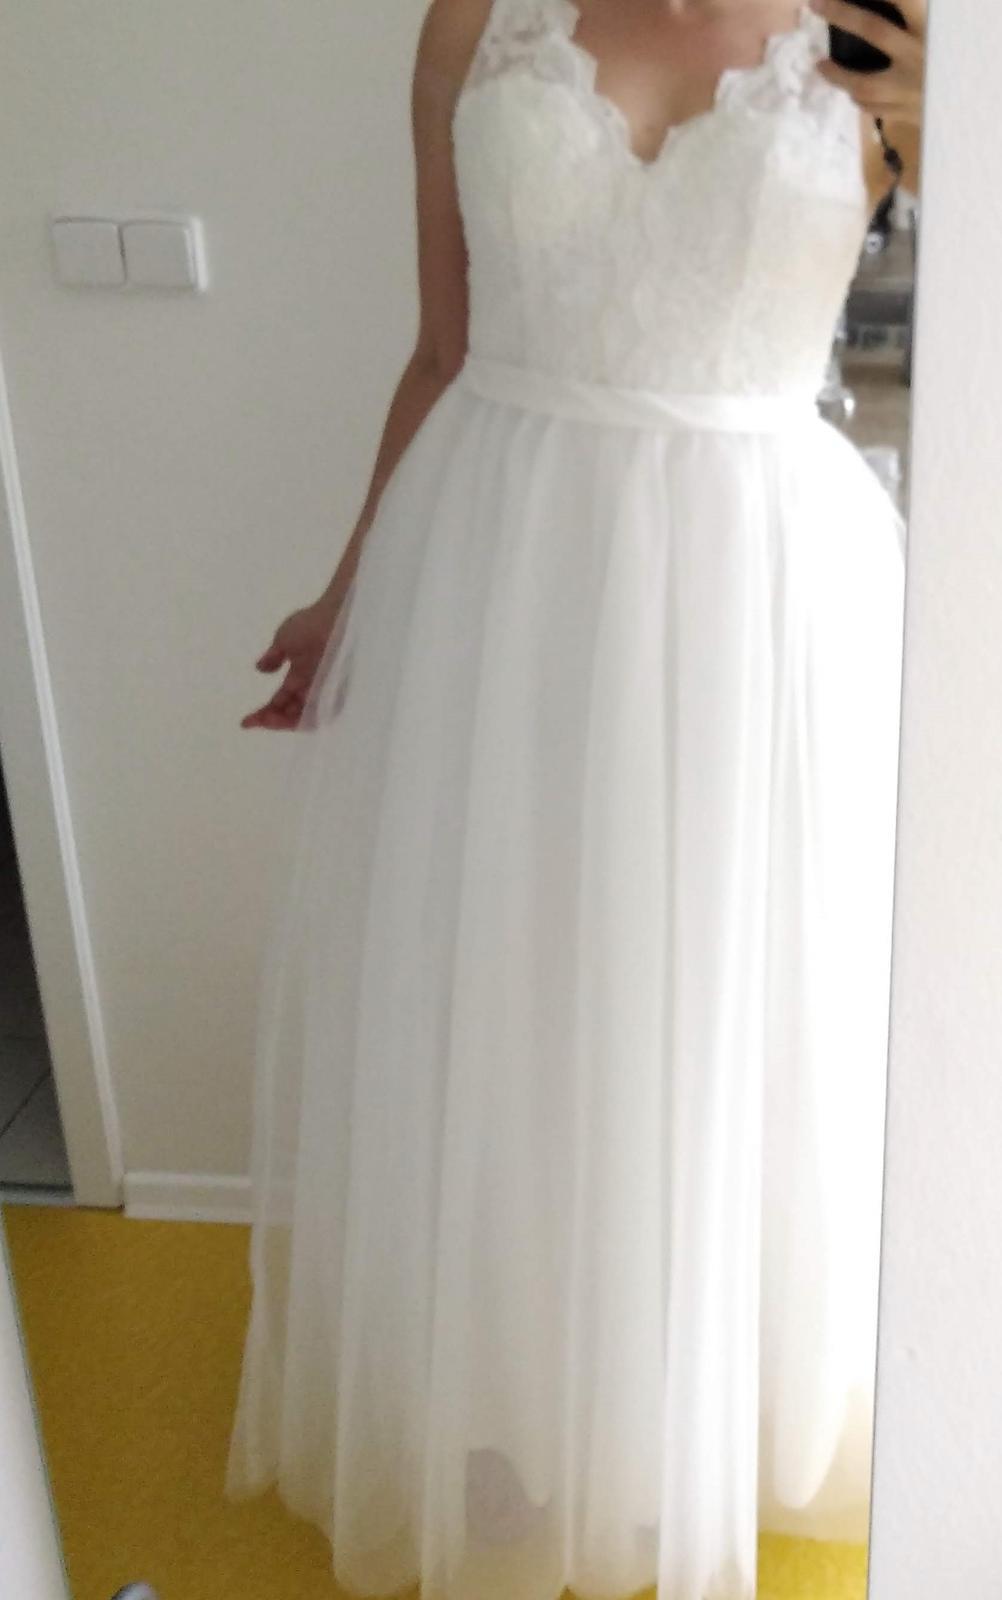 prodej svatebních šatů - nepoužité - Obrázek č. 2